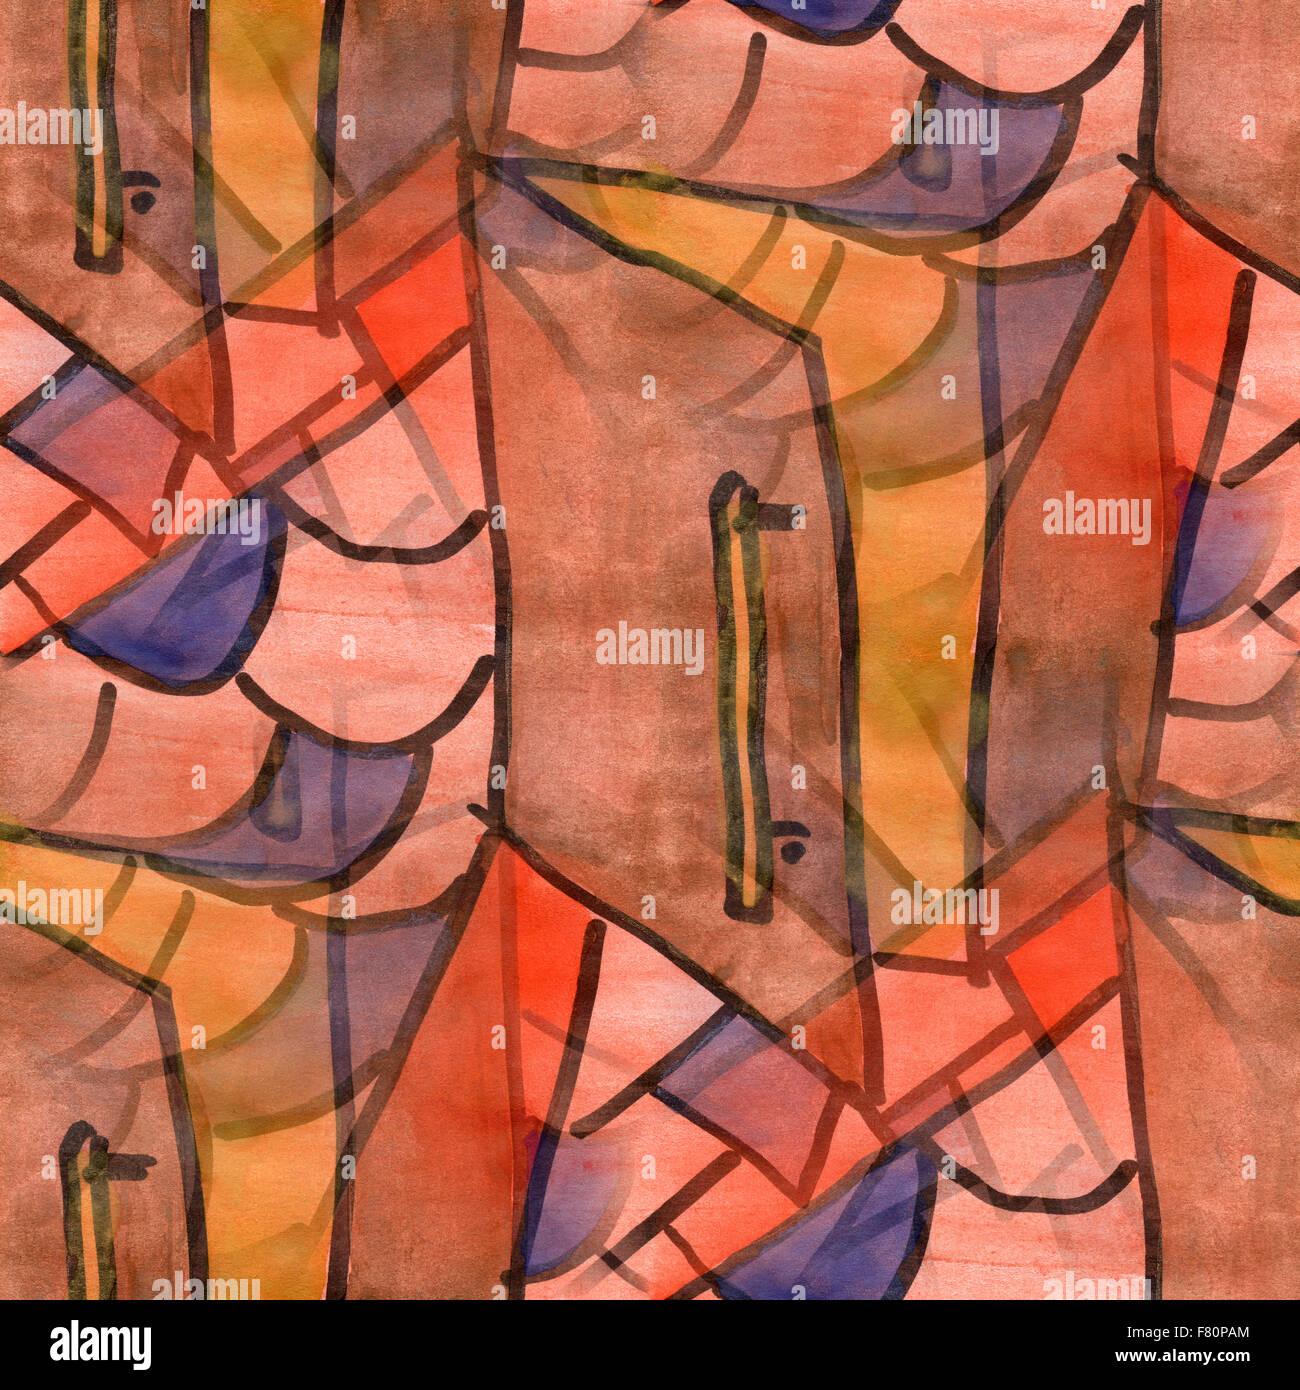 Wunderbar Kubismus Künstler Ideen Von Rosa Tür Palette Grafik Bild Nahtlose Textur